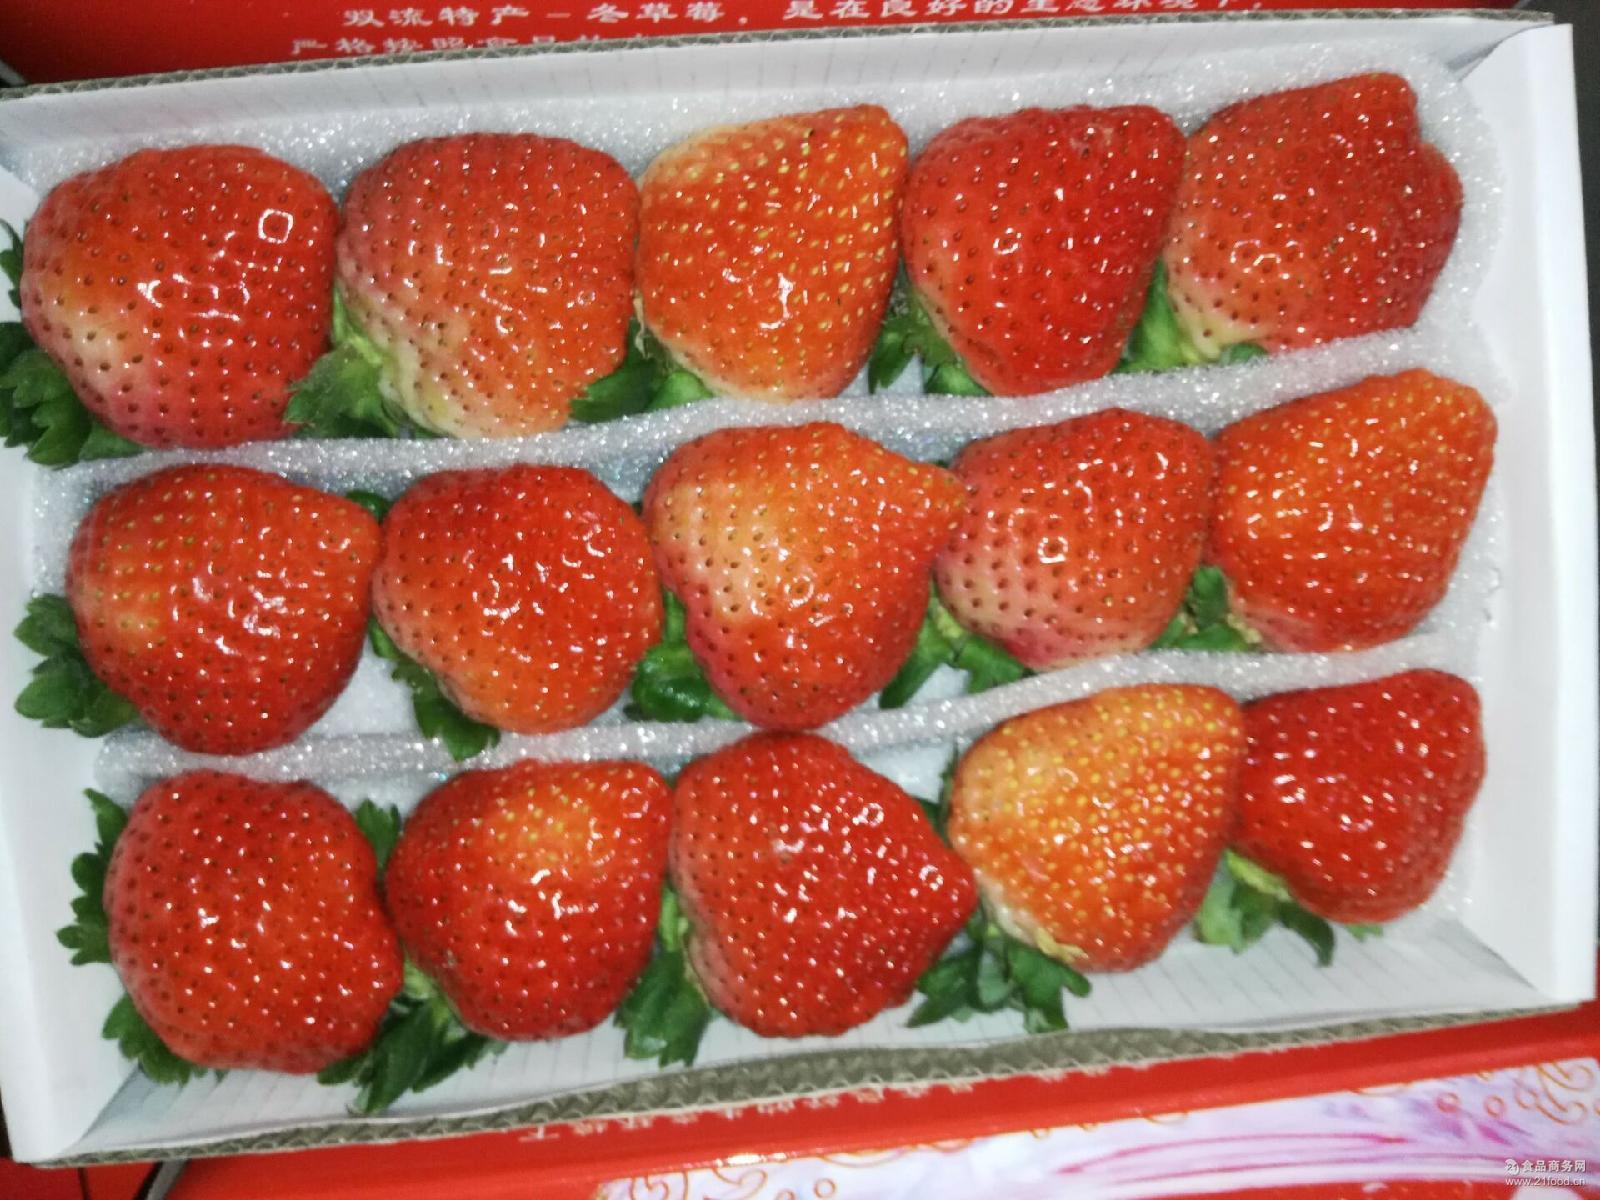 代理批发供应超市水果店巧克力芳香草莓产地直销 水果双流冬草莓